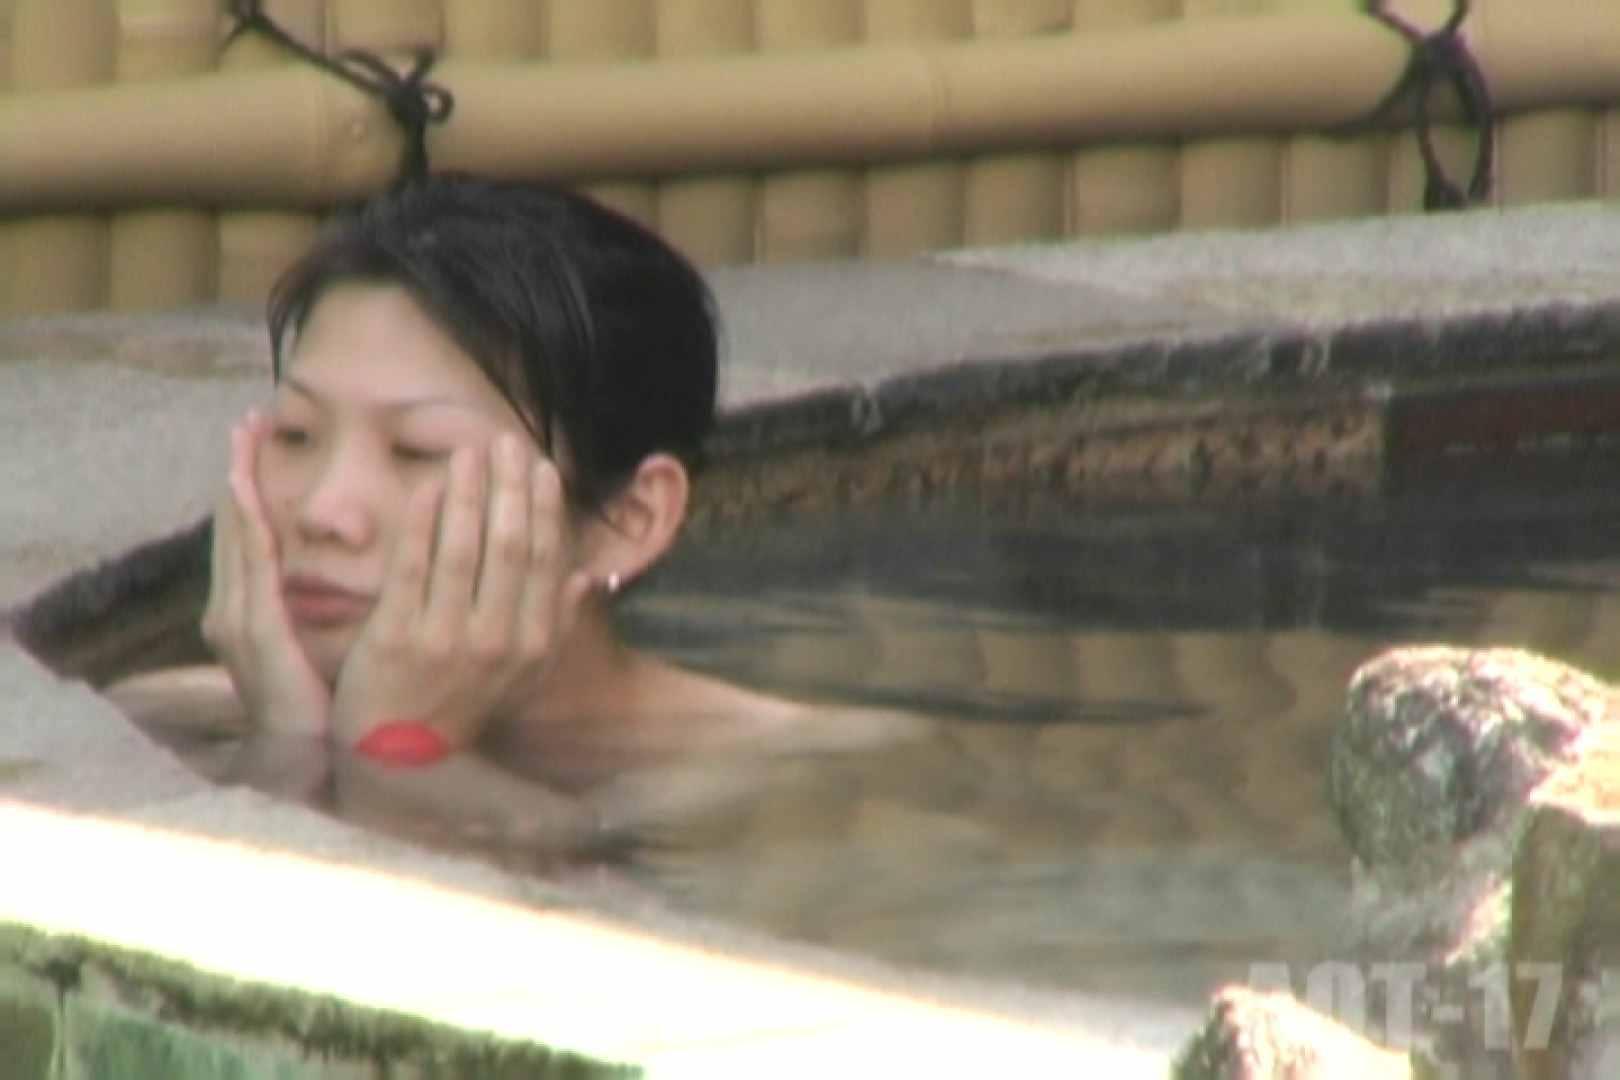 Aquaな露天風呂Vol.850 盗撮 | OLすけべ画像  38連発 4